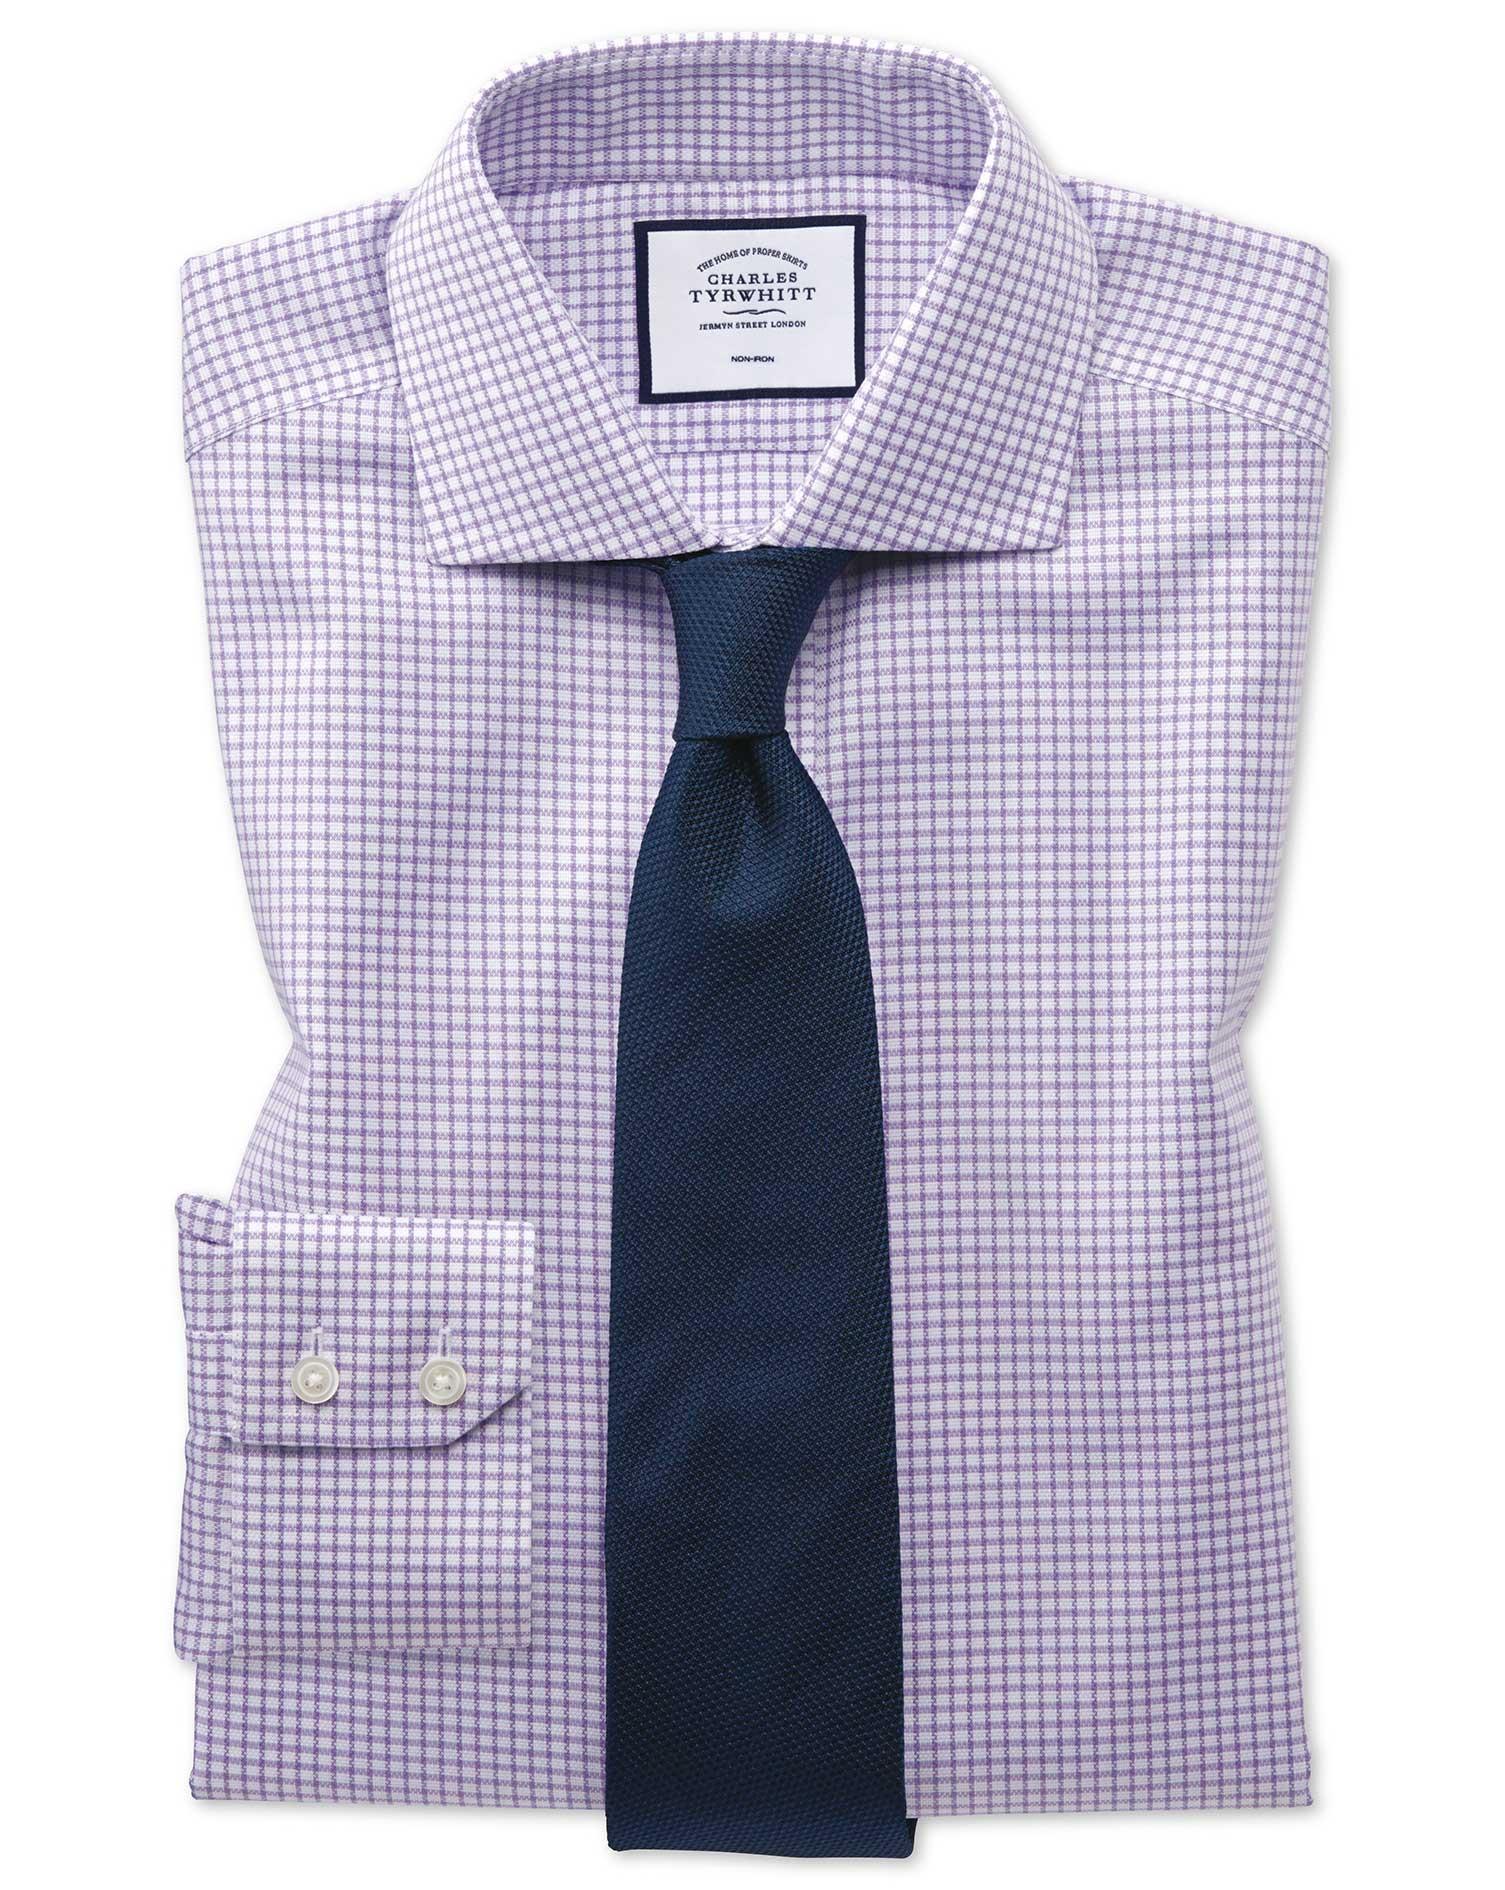 Slim Fit Non-Iron Cutaway Collar Lilac Grid Check Oxford Stretch Cotton Formal Shirt Single Cuff Siz